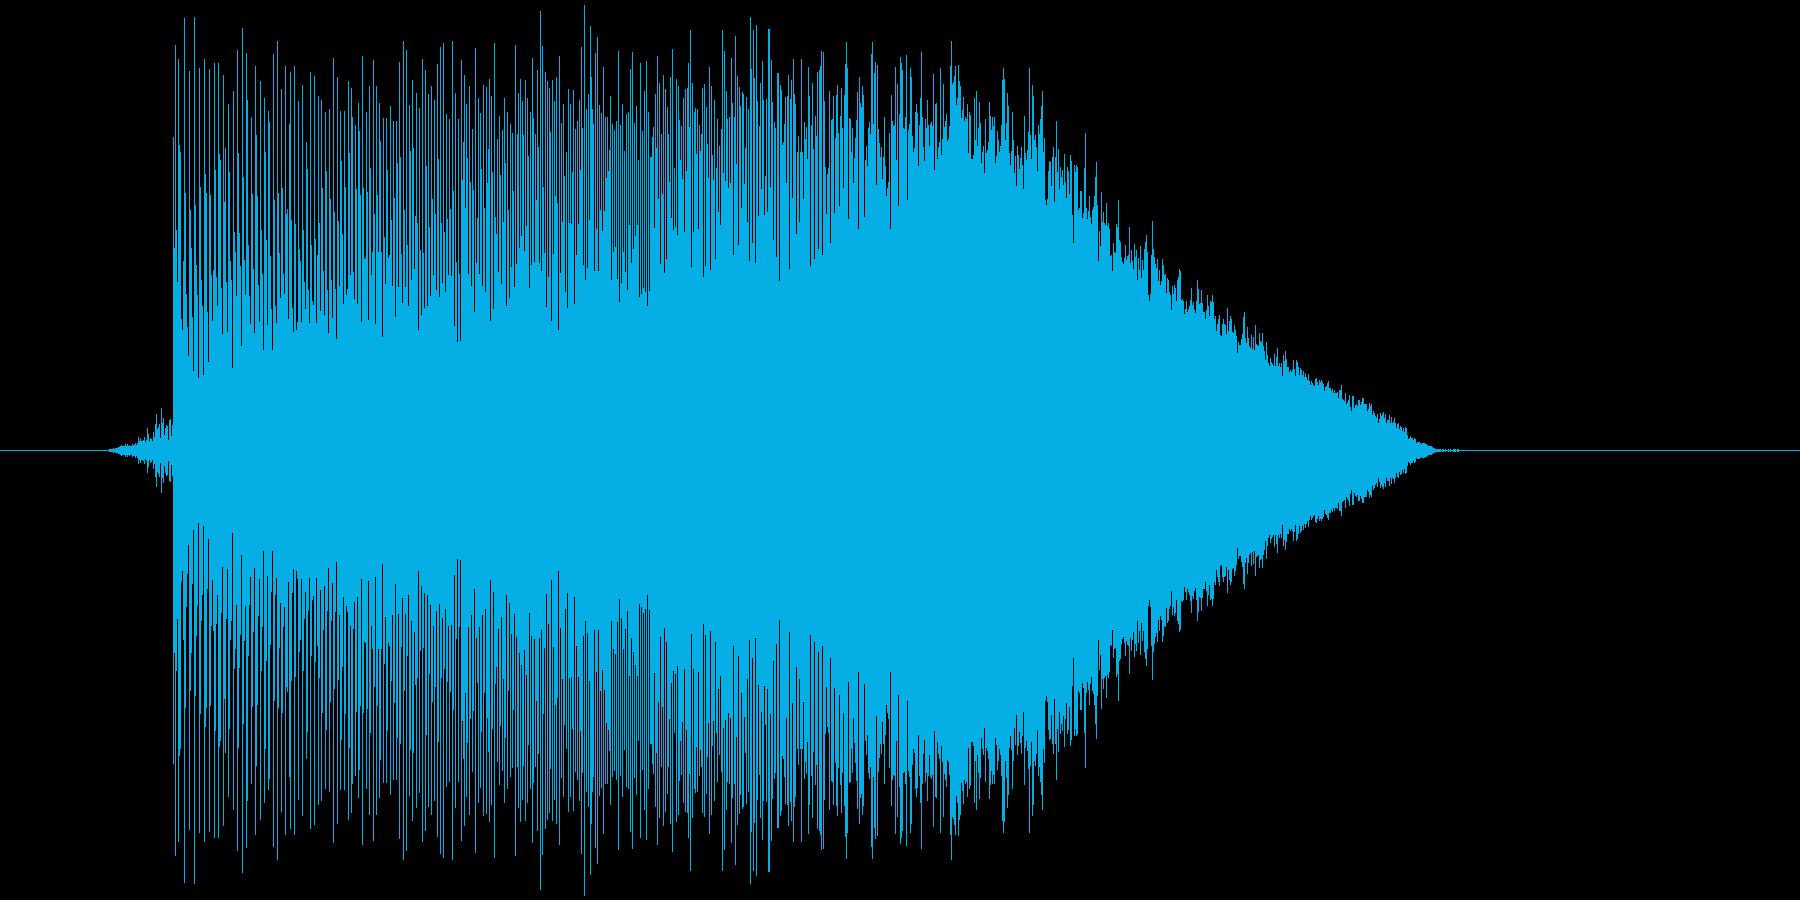 ゲーム(ファミコン風)ジャンプ音_026の再生済みの波形